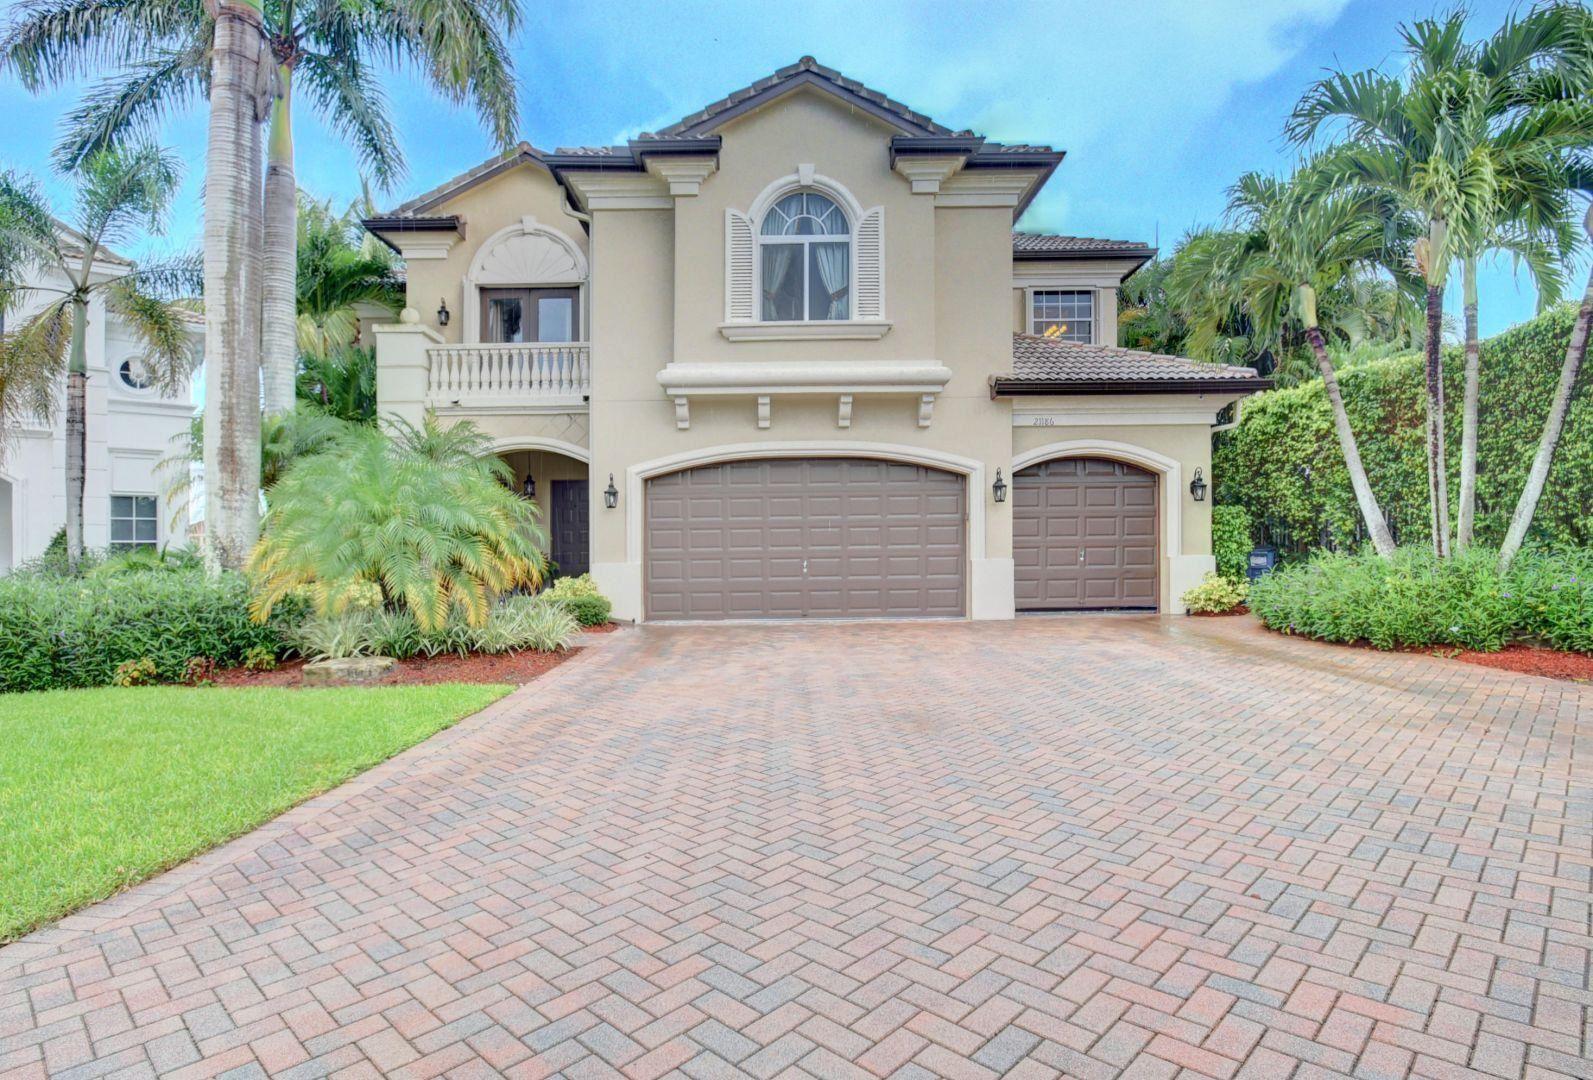 21186 La Vista Circle, Boca Raton, FL 33428 - #: RX-10605400